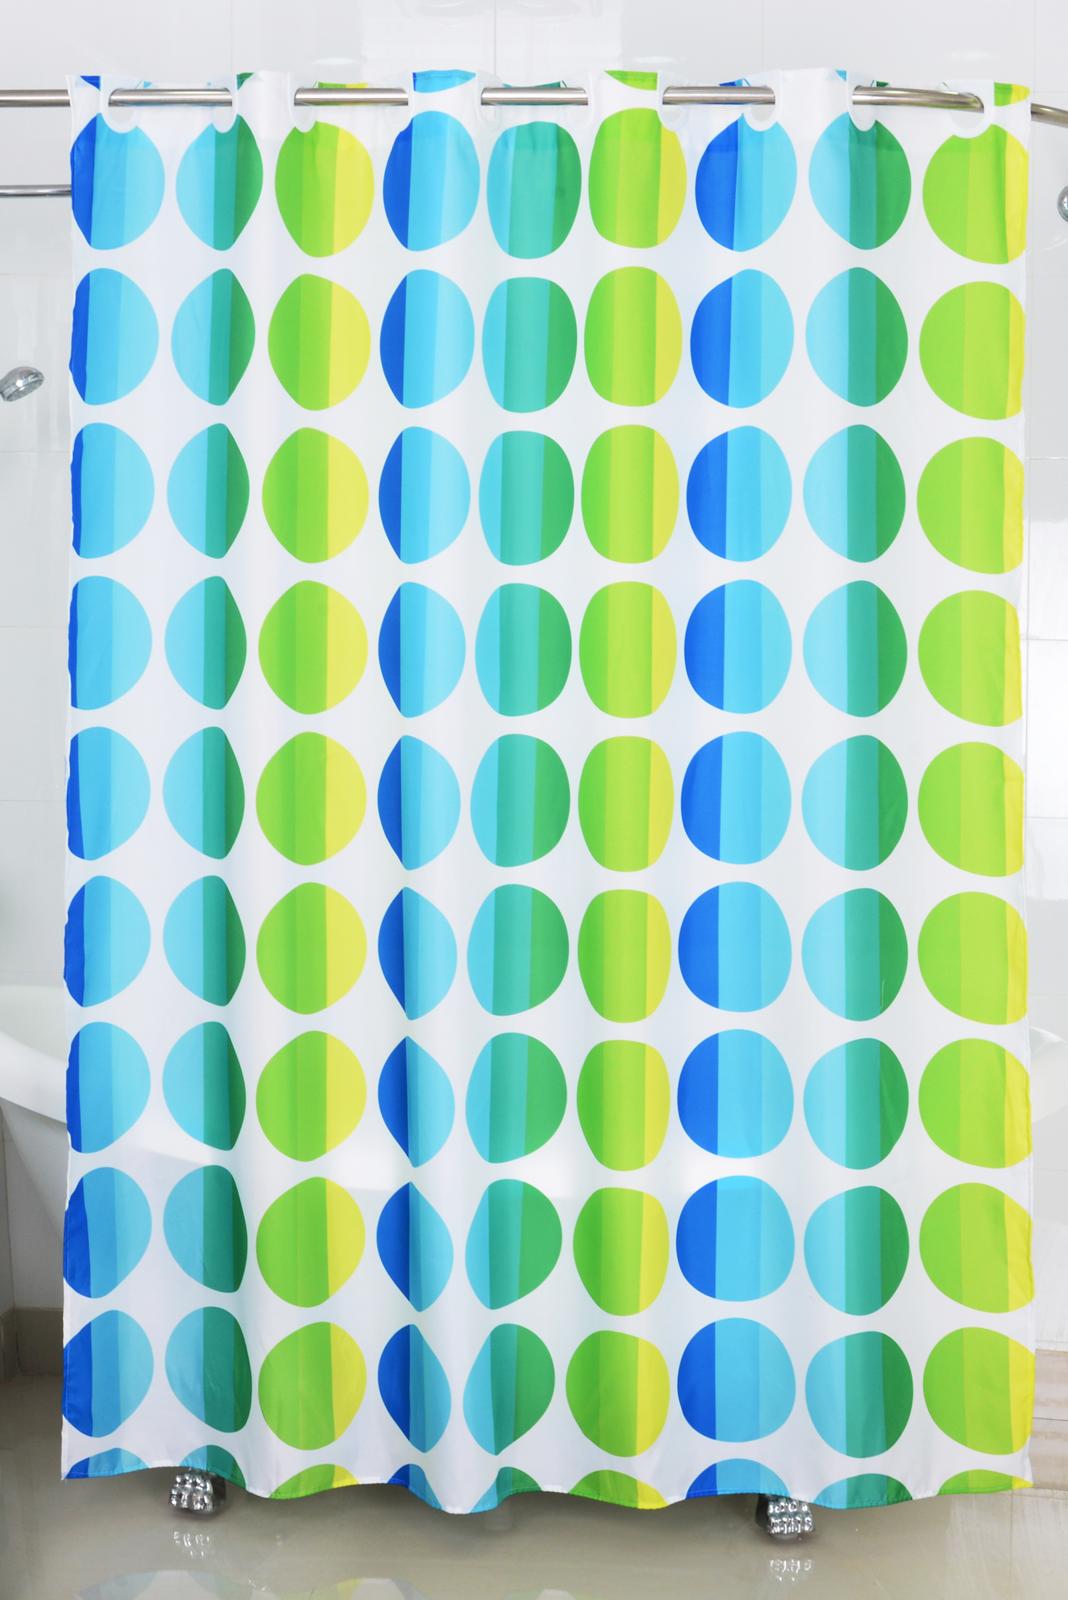 Badtextilien - Textil Duschvorhang Badewannenvorhang Vorhang 180x200 incl. 12 Ringe 568001 Punkte blue  - Onlineshop PremiumShop321